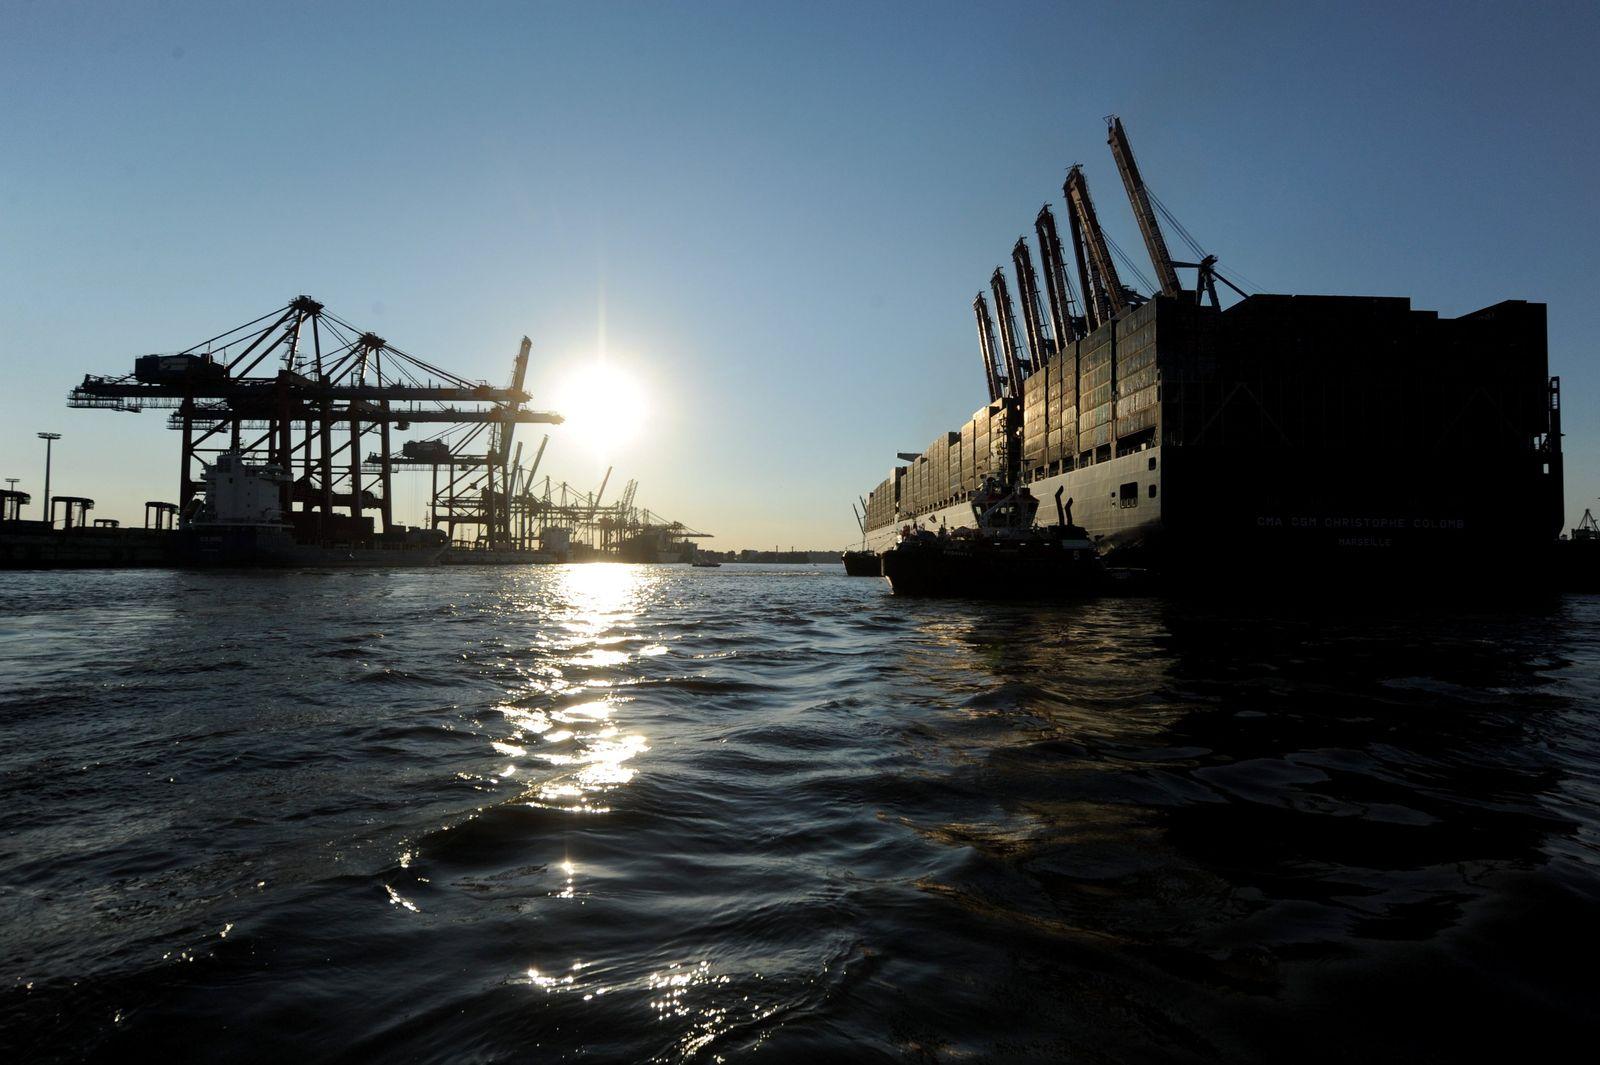 Hamburg / Hafen / Container / Konjunktur